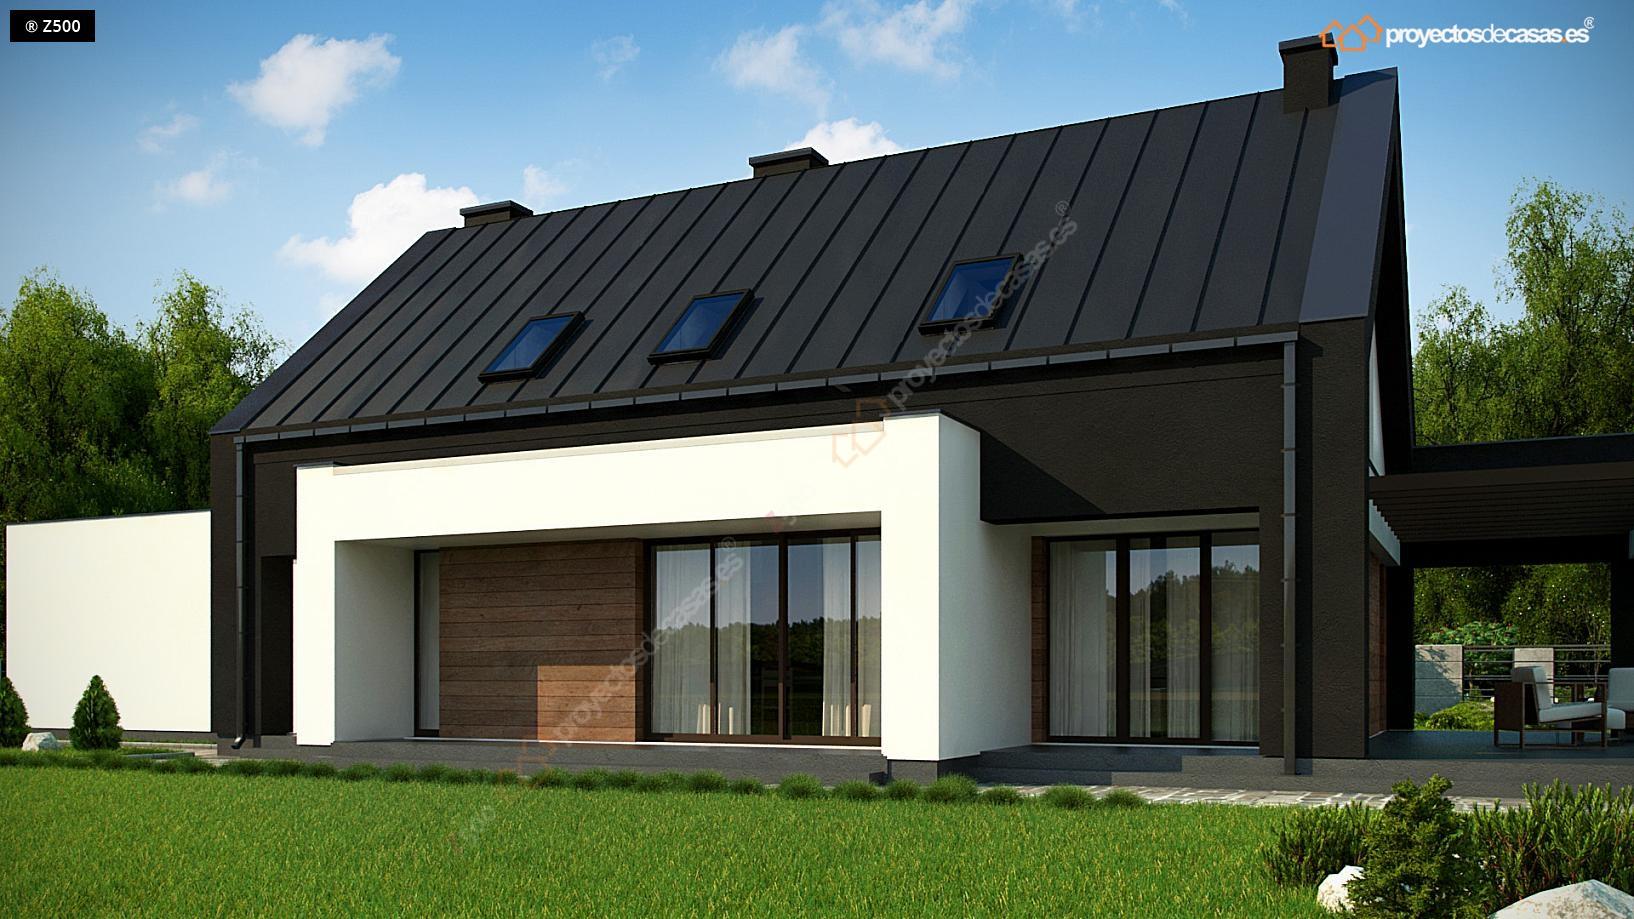 proyectos de casas casa navacerrada de dise o moderna